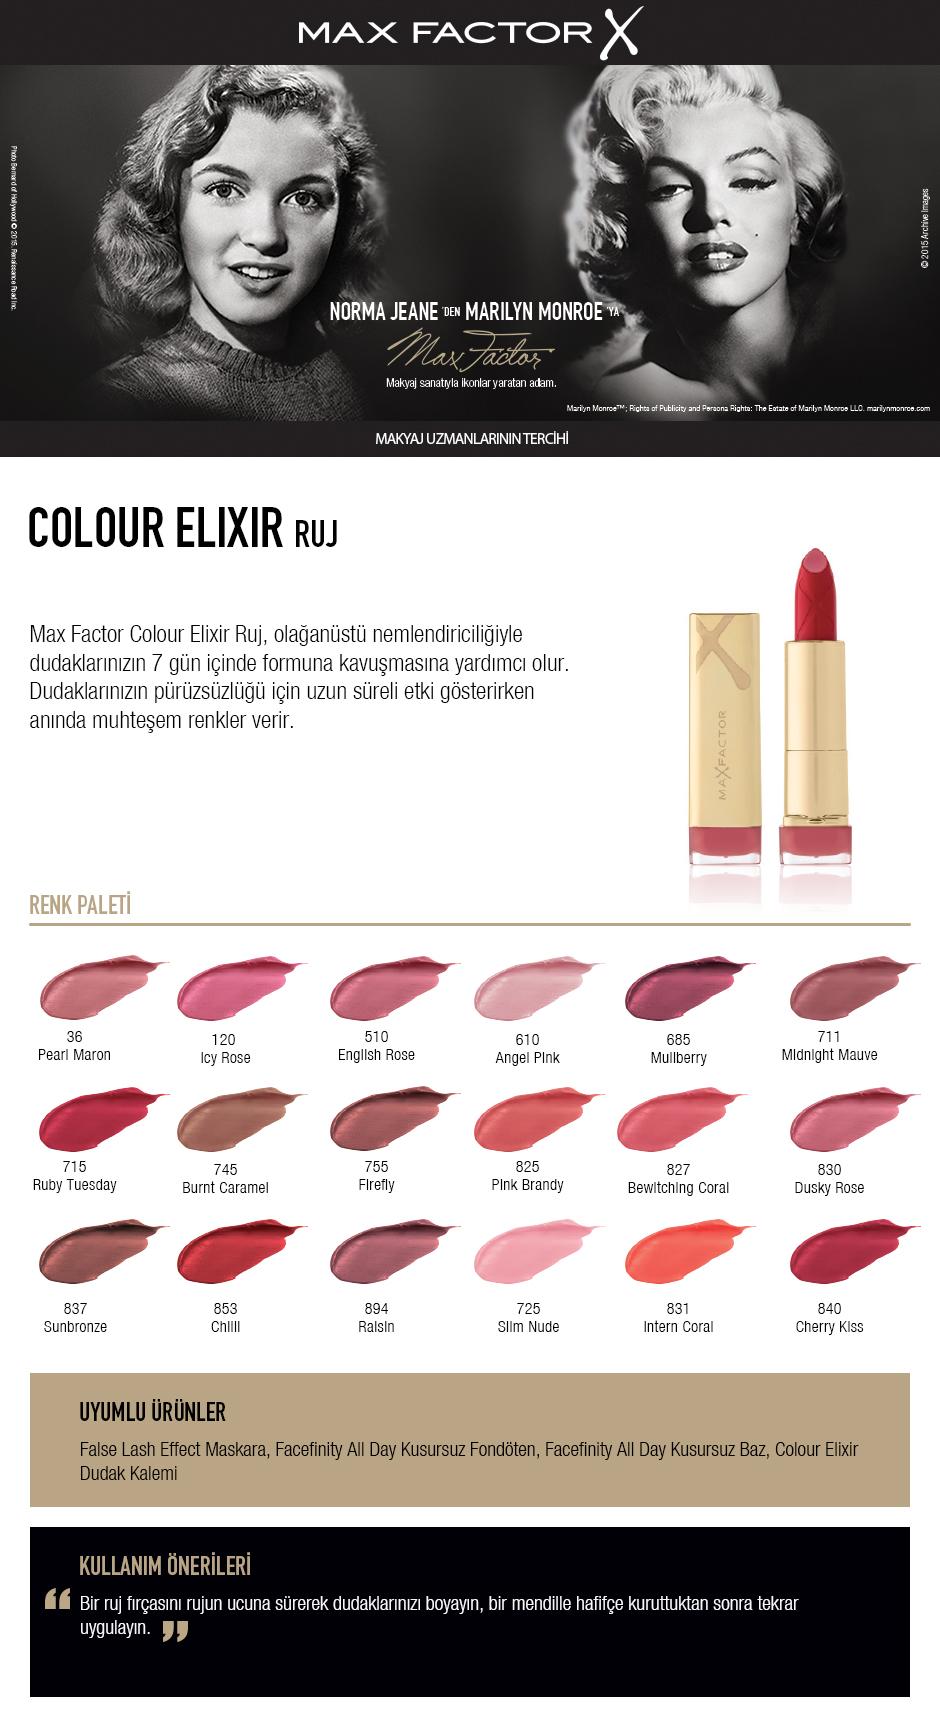 Max Factor Colour Elixir Ruj 830 Dusky Rose Fiyatı